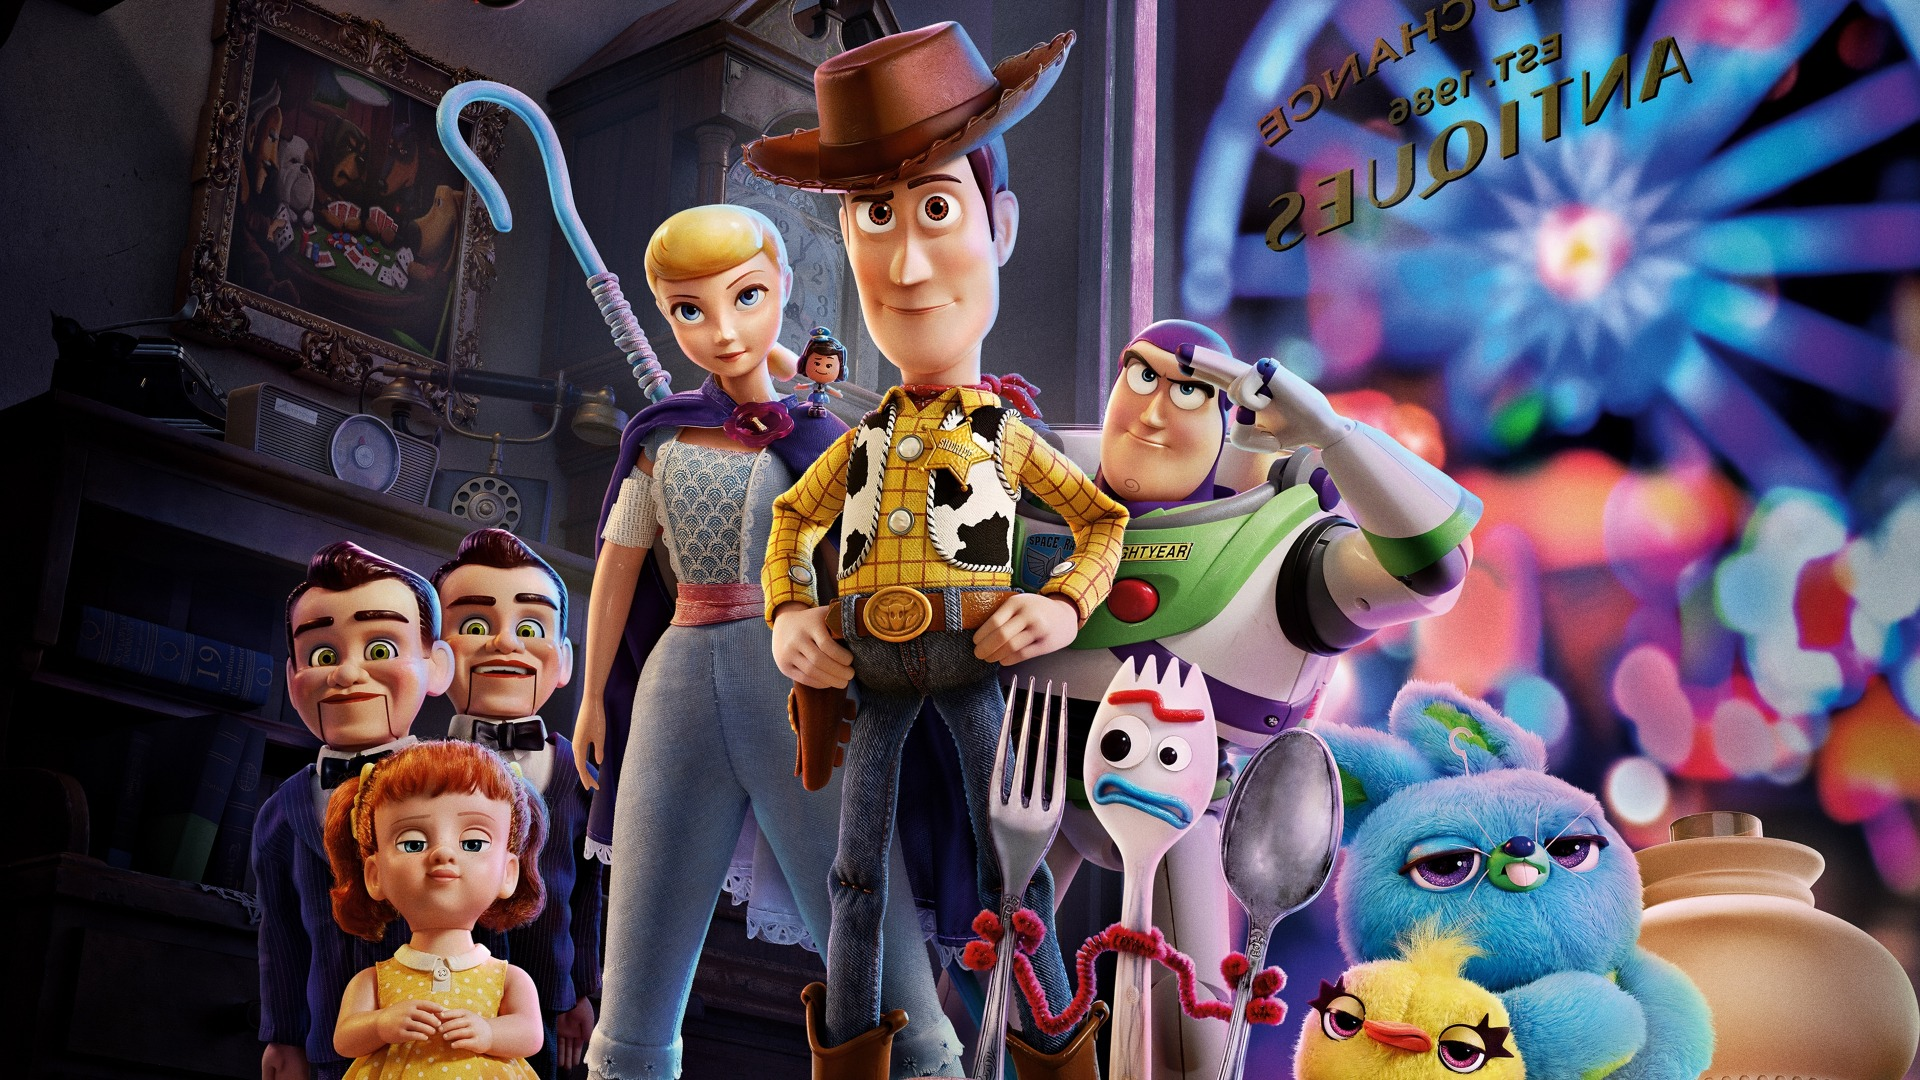 Toy Story 4 recenzia